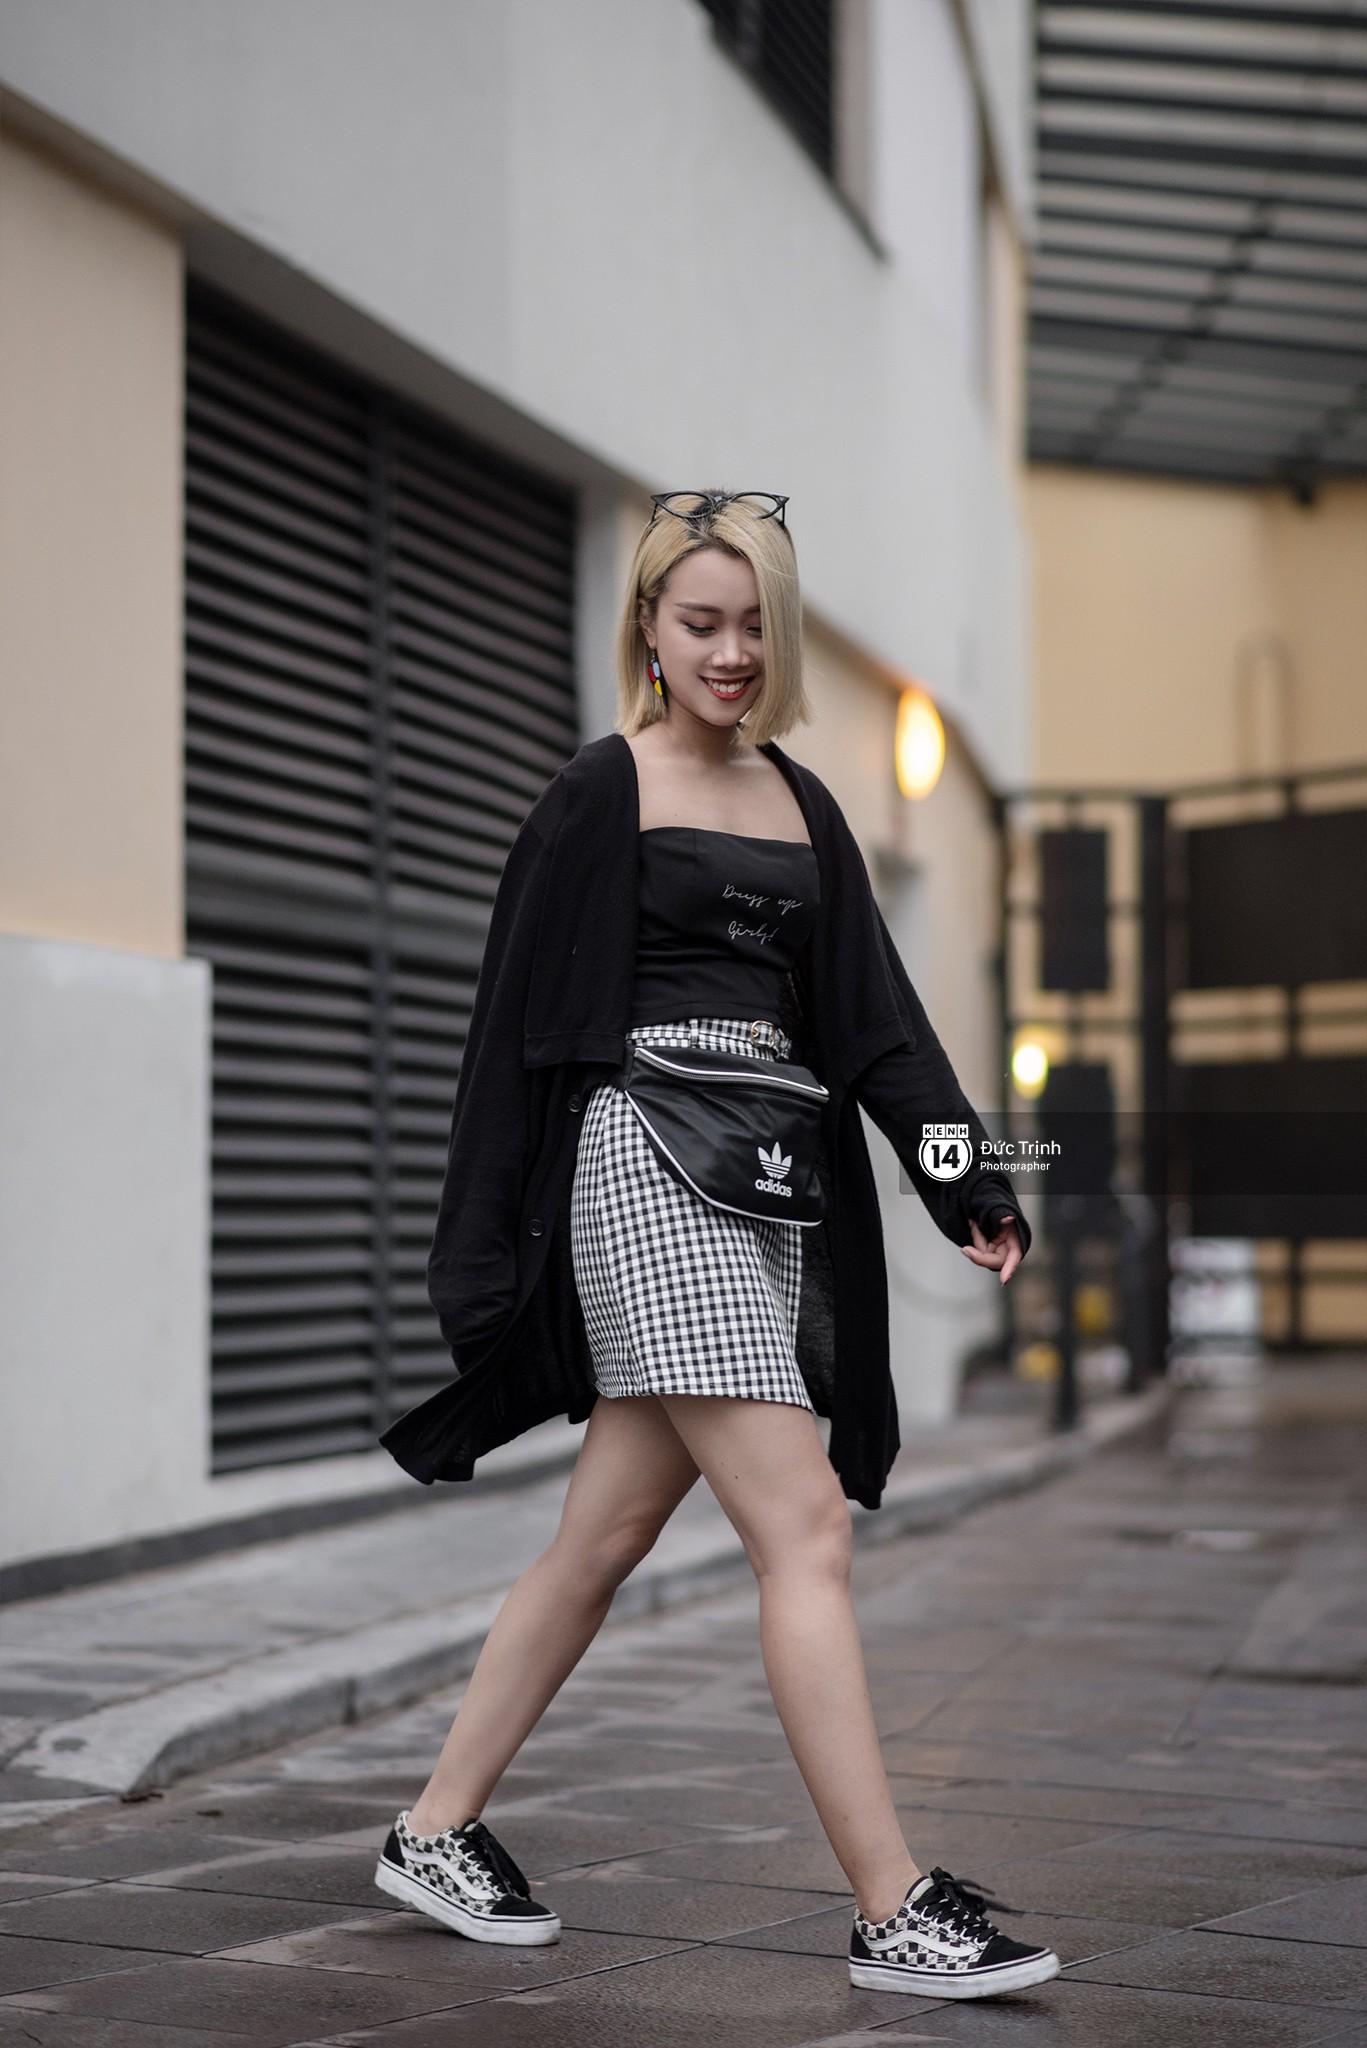 Giới trẻ 2 miền chinh phục loạt hot trend, khoe street style siêu cool và thời thượng ngắm là mê - Ảnh 16.